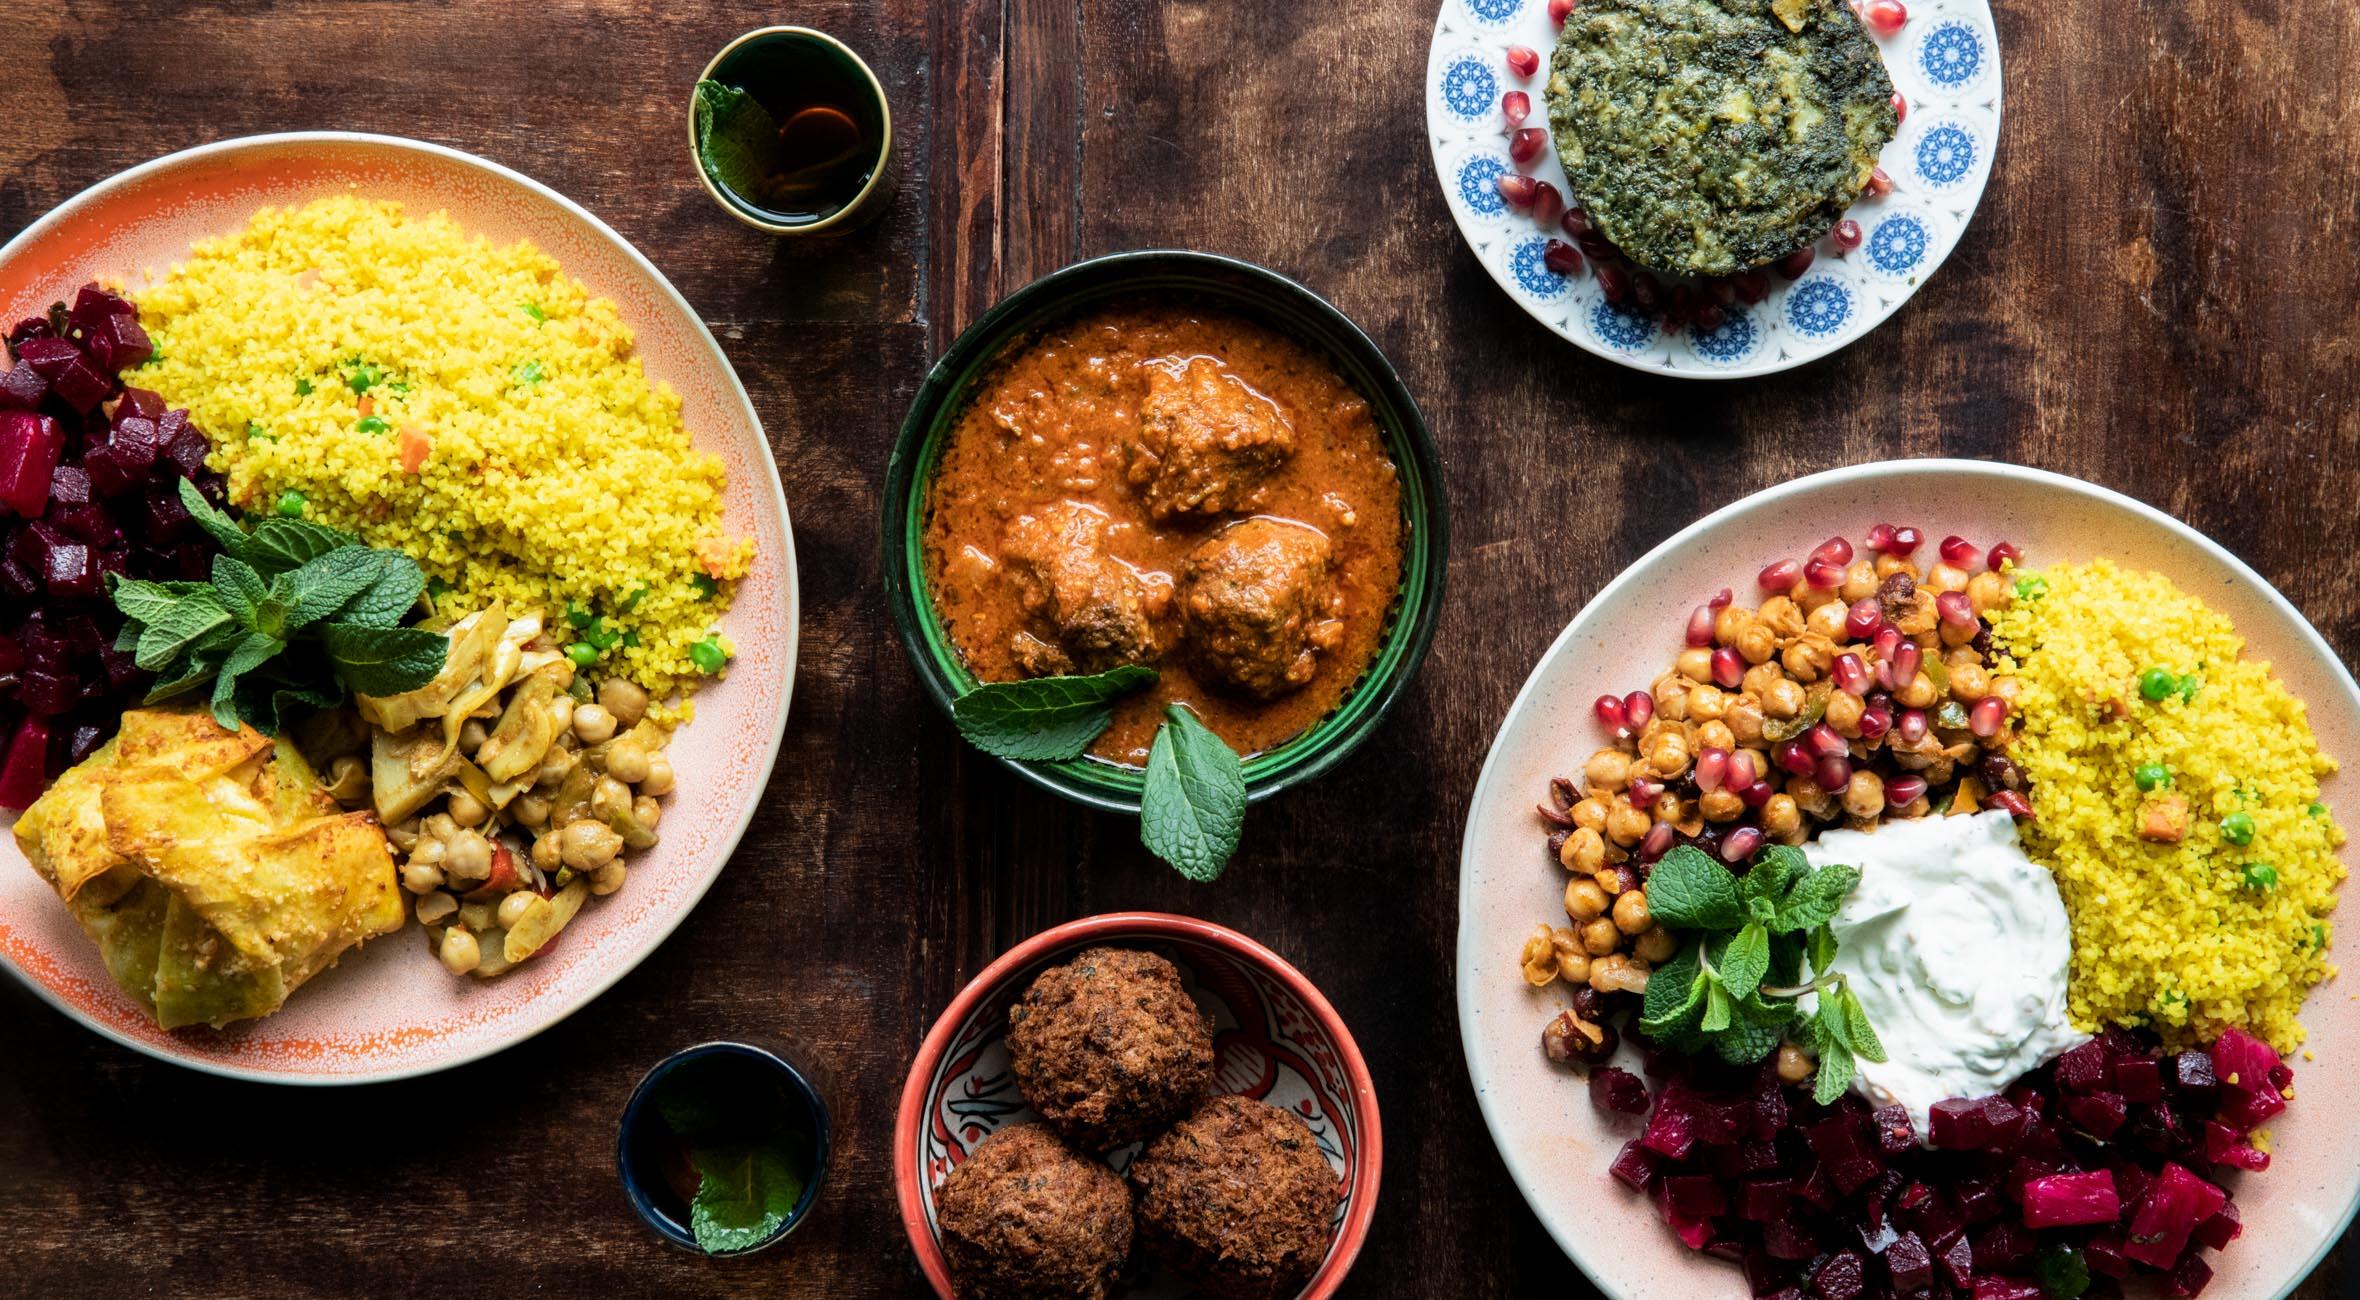 Marokkansk middag og mynte-te for 2 personer hos The á la Menthe i Indre By – Hipt marokkansk spiseri byder på vilde specialiteter